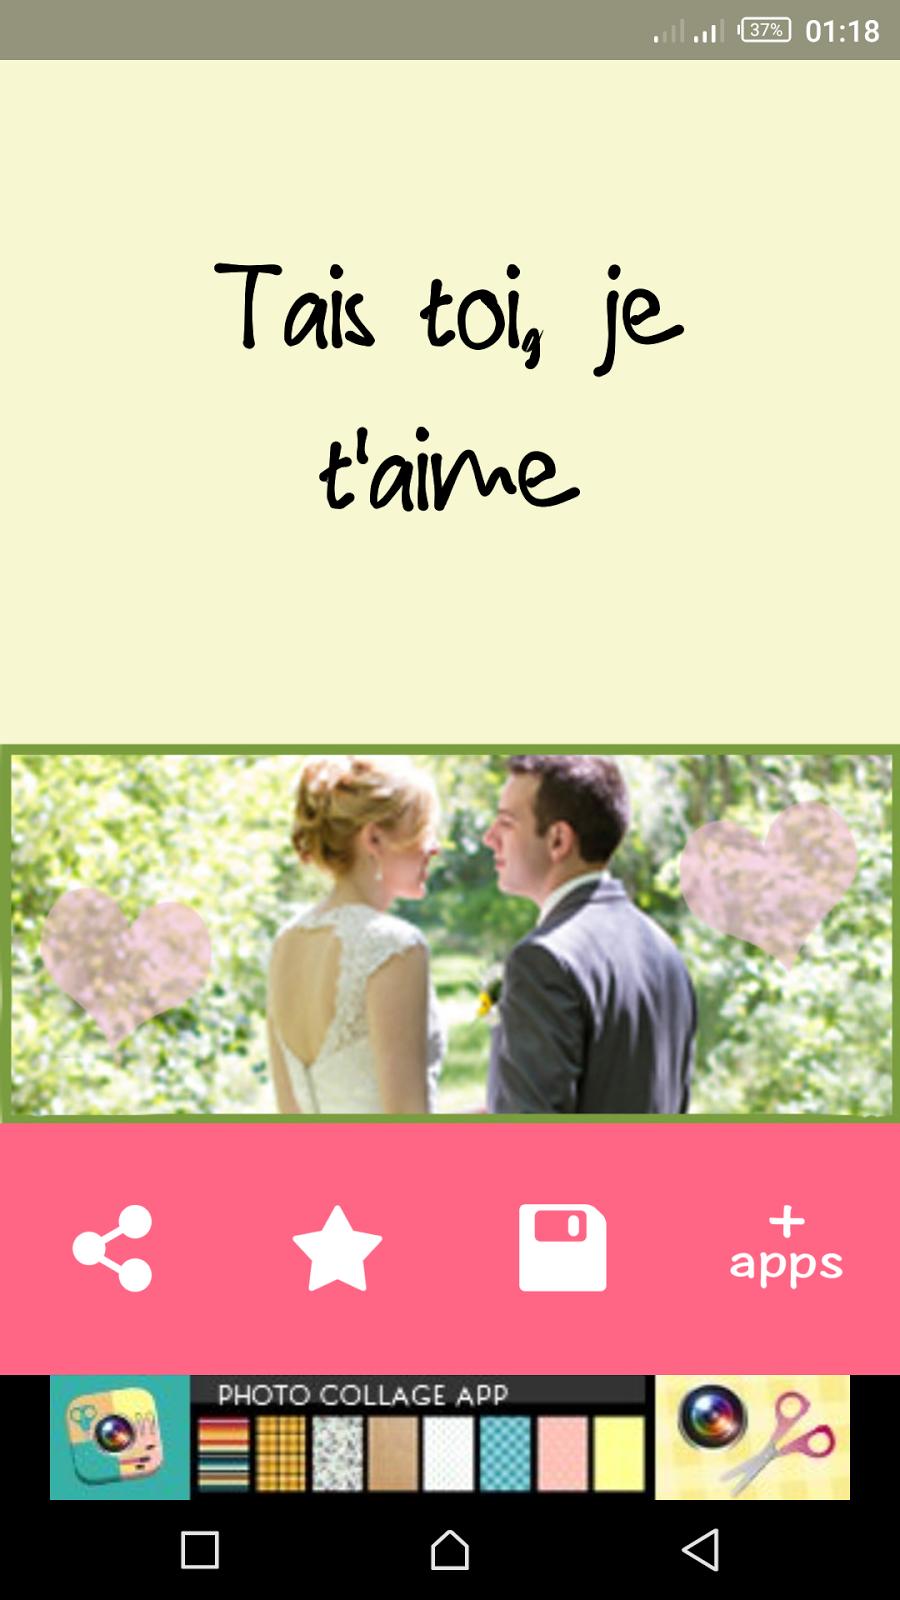 رسائل حب بالفرنسية مترجمة بالعربية جزائرية